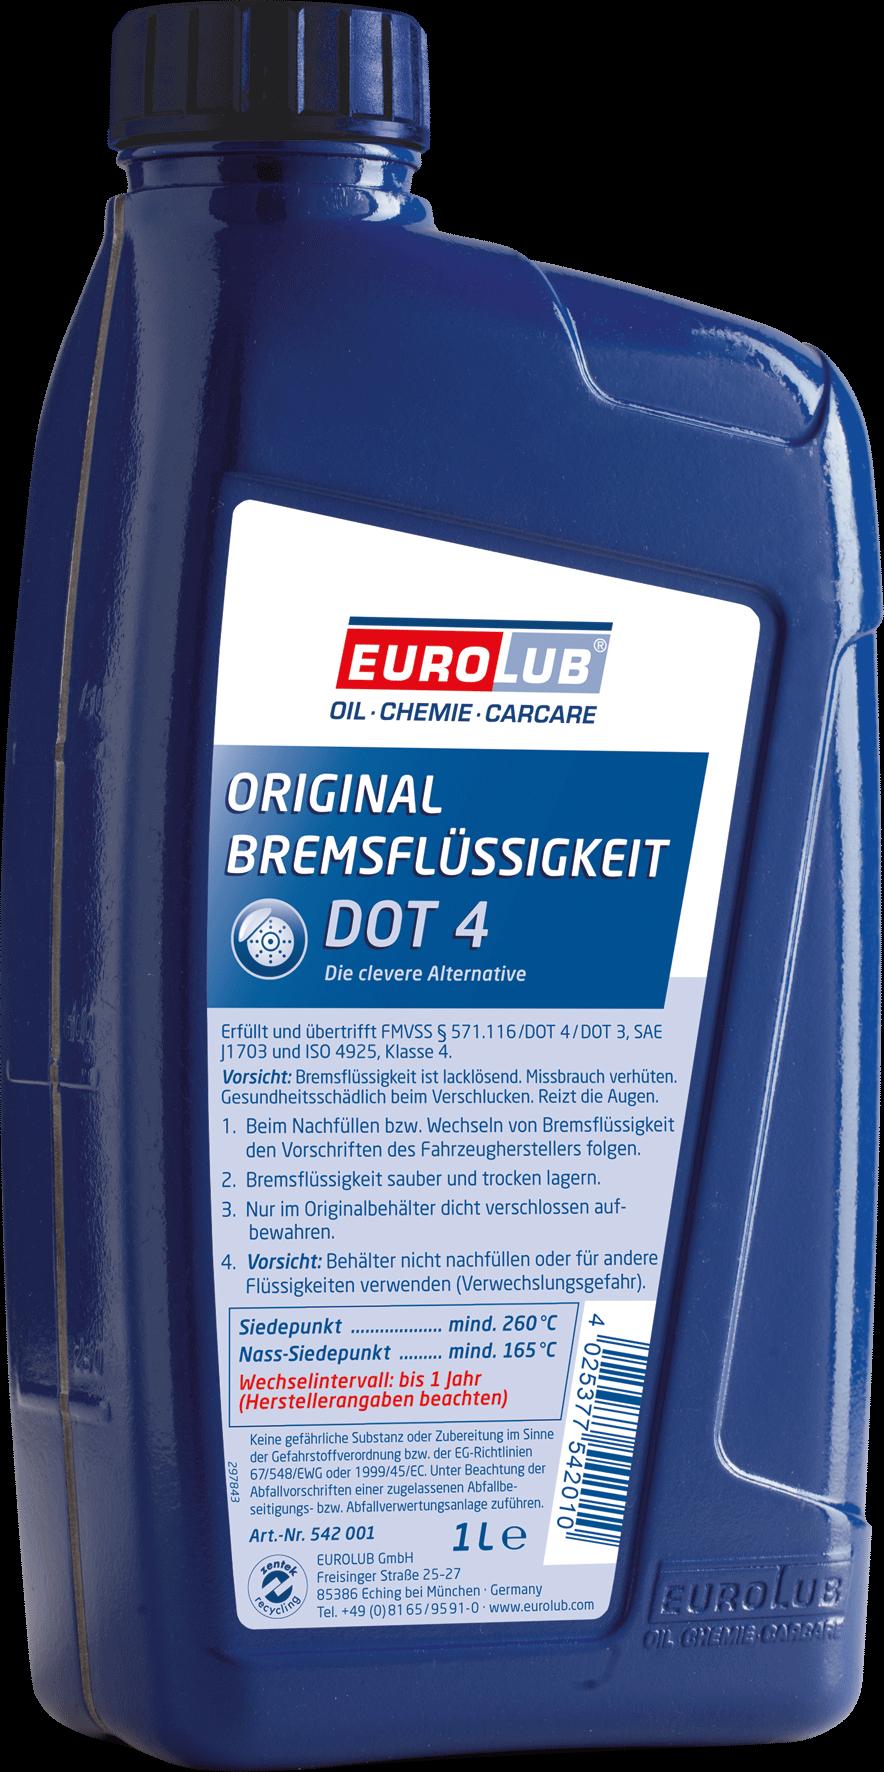 EUROLUB Bremsflussigkeit DOT4, 1л